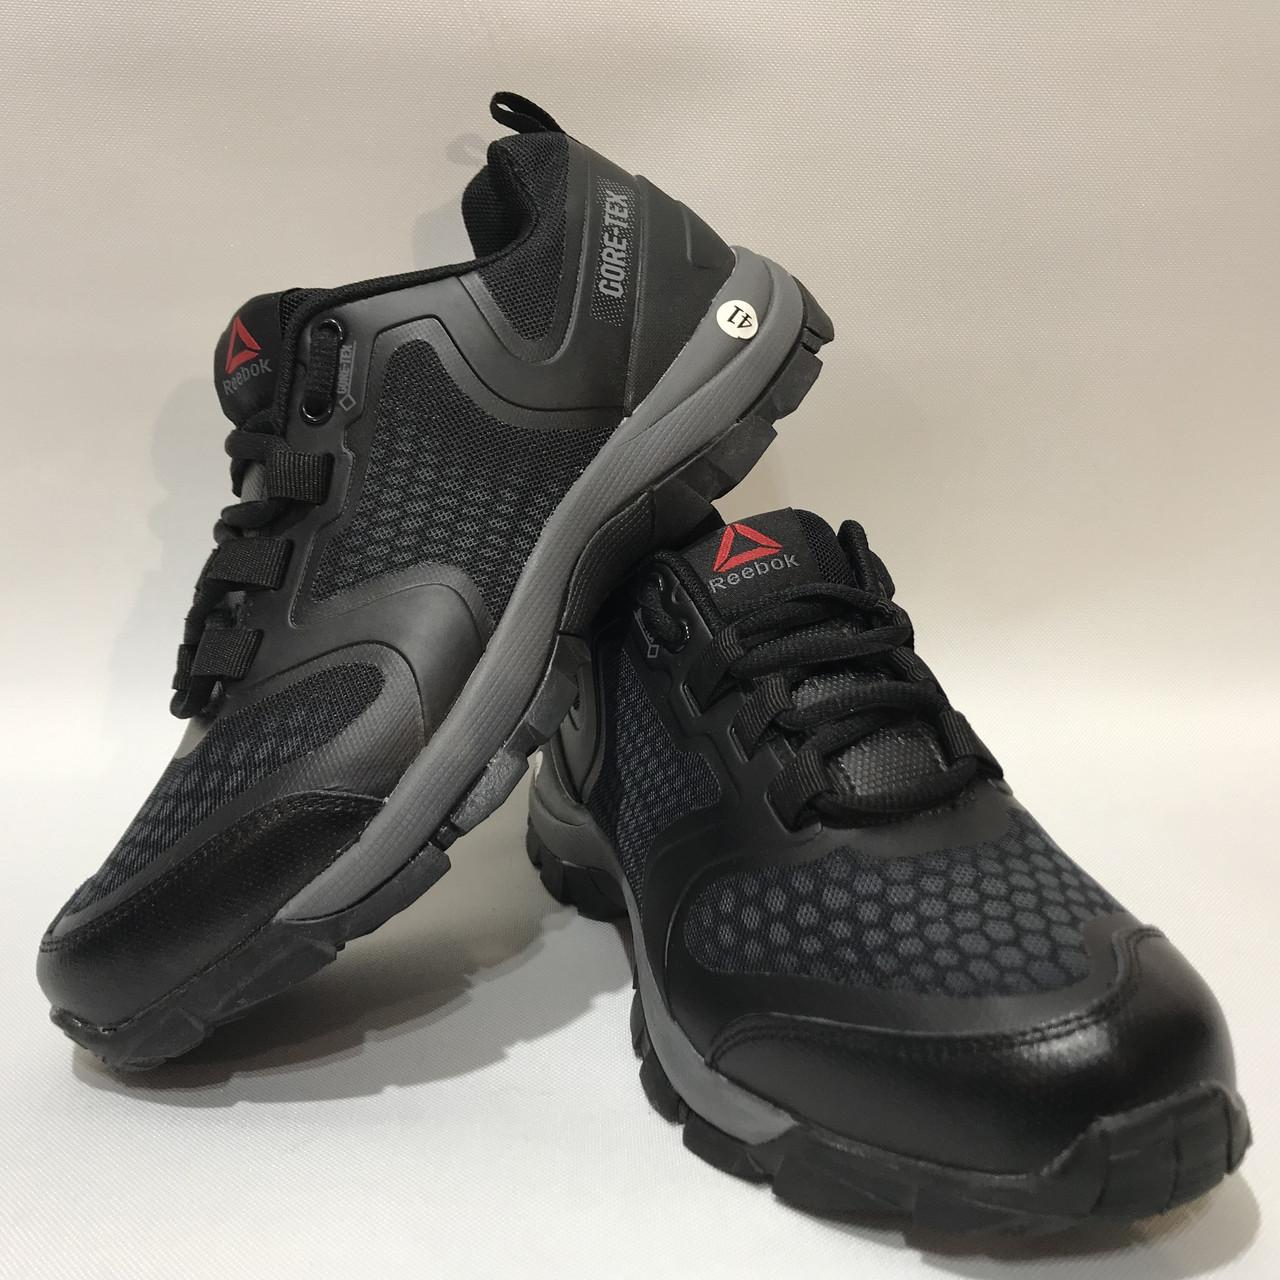 Мужские кроссовки в стиле Reebok, черные / кроссовки мужские Рибок, кожа + сетка, легкие р. 43 последняя пара